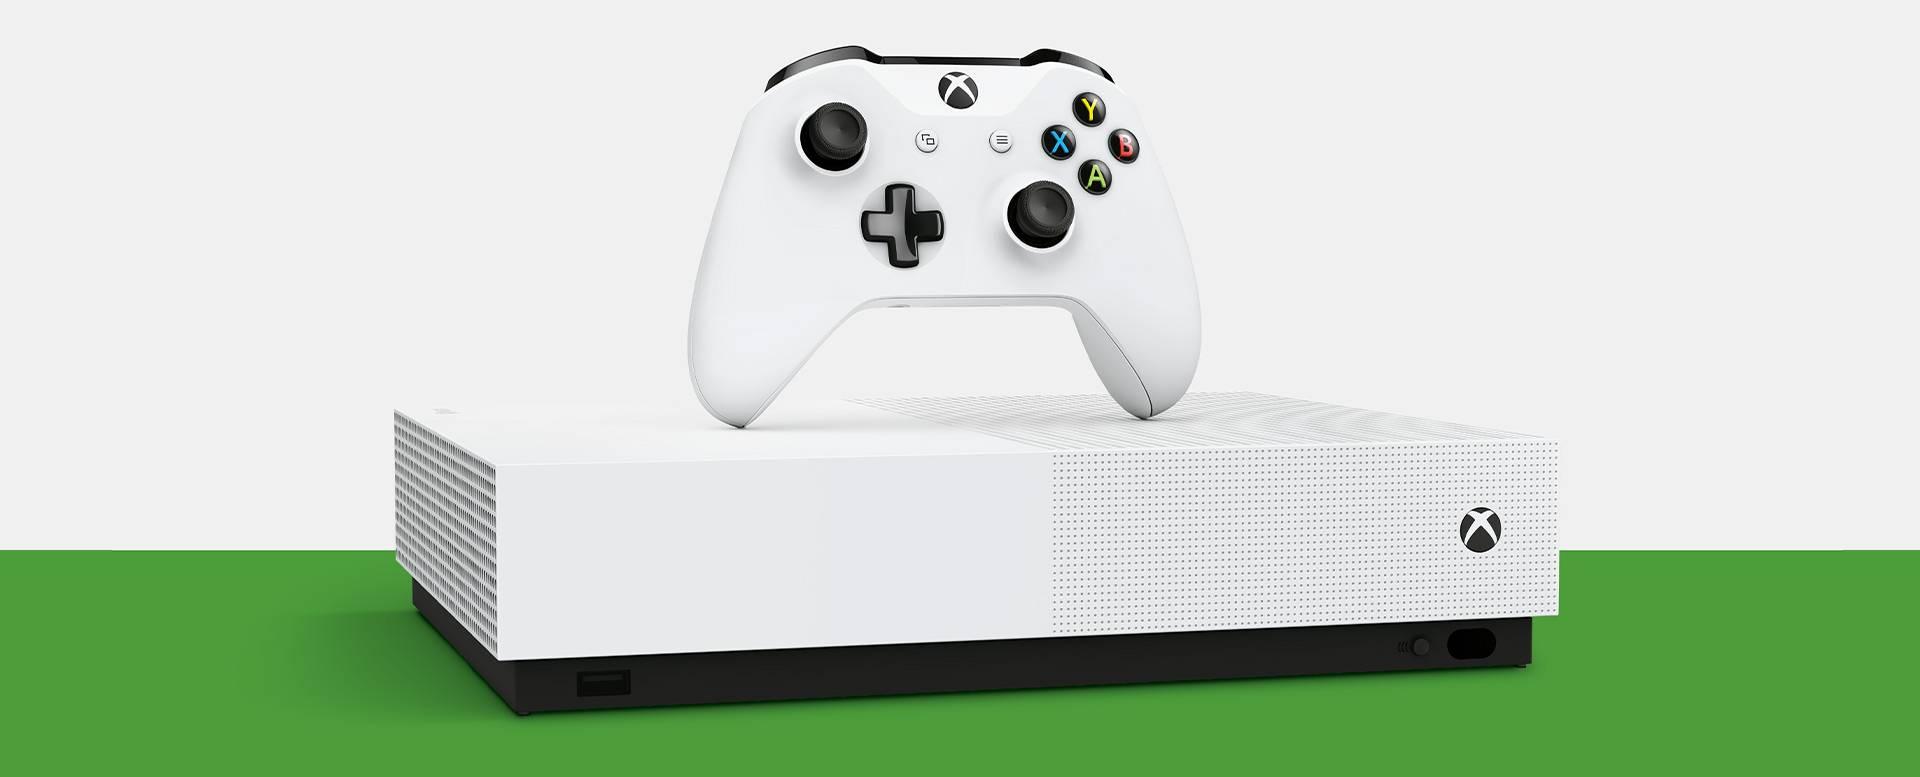 Xbox One X descontinuado